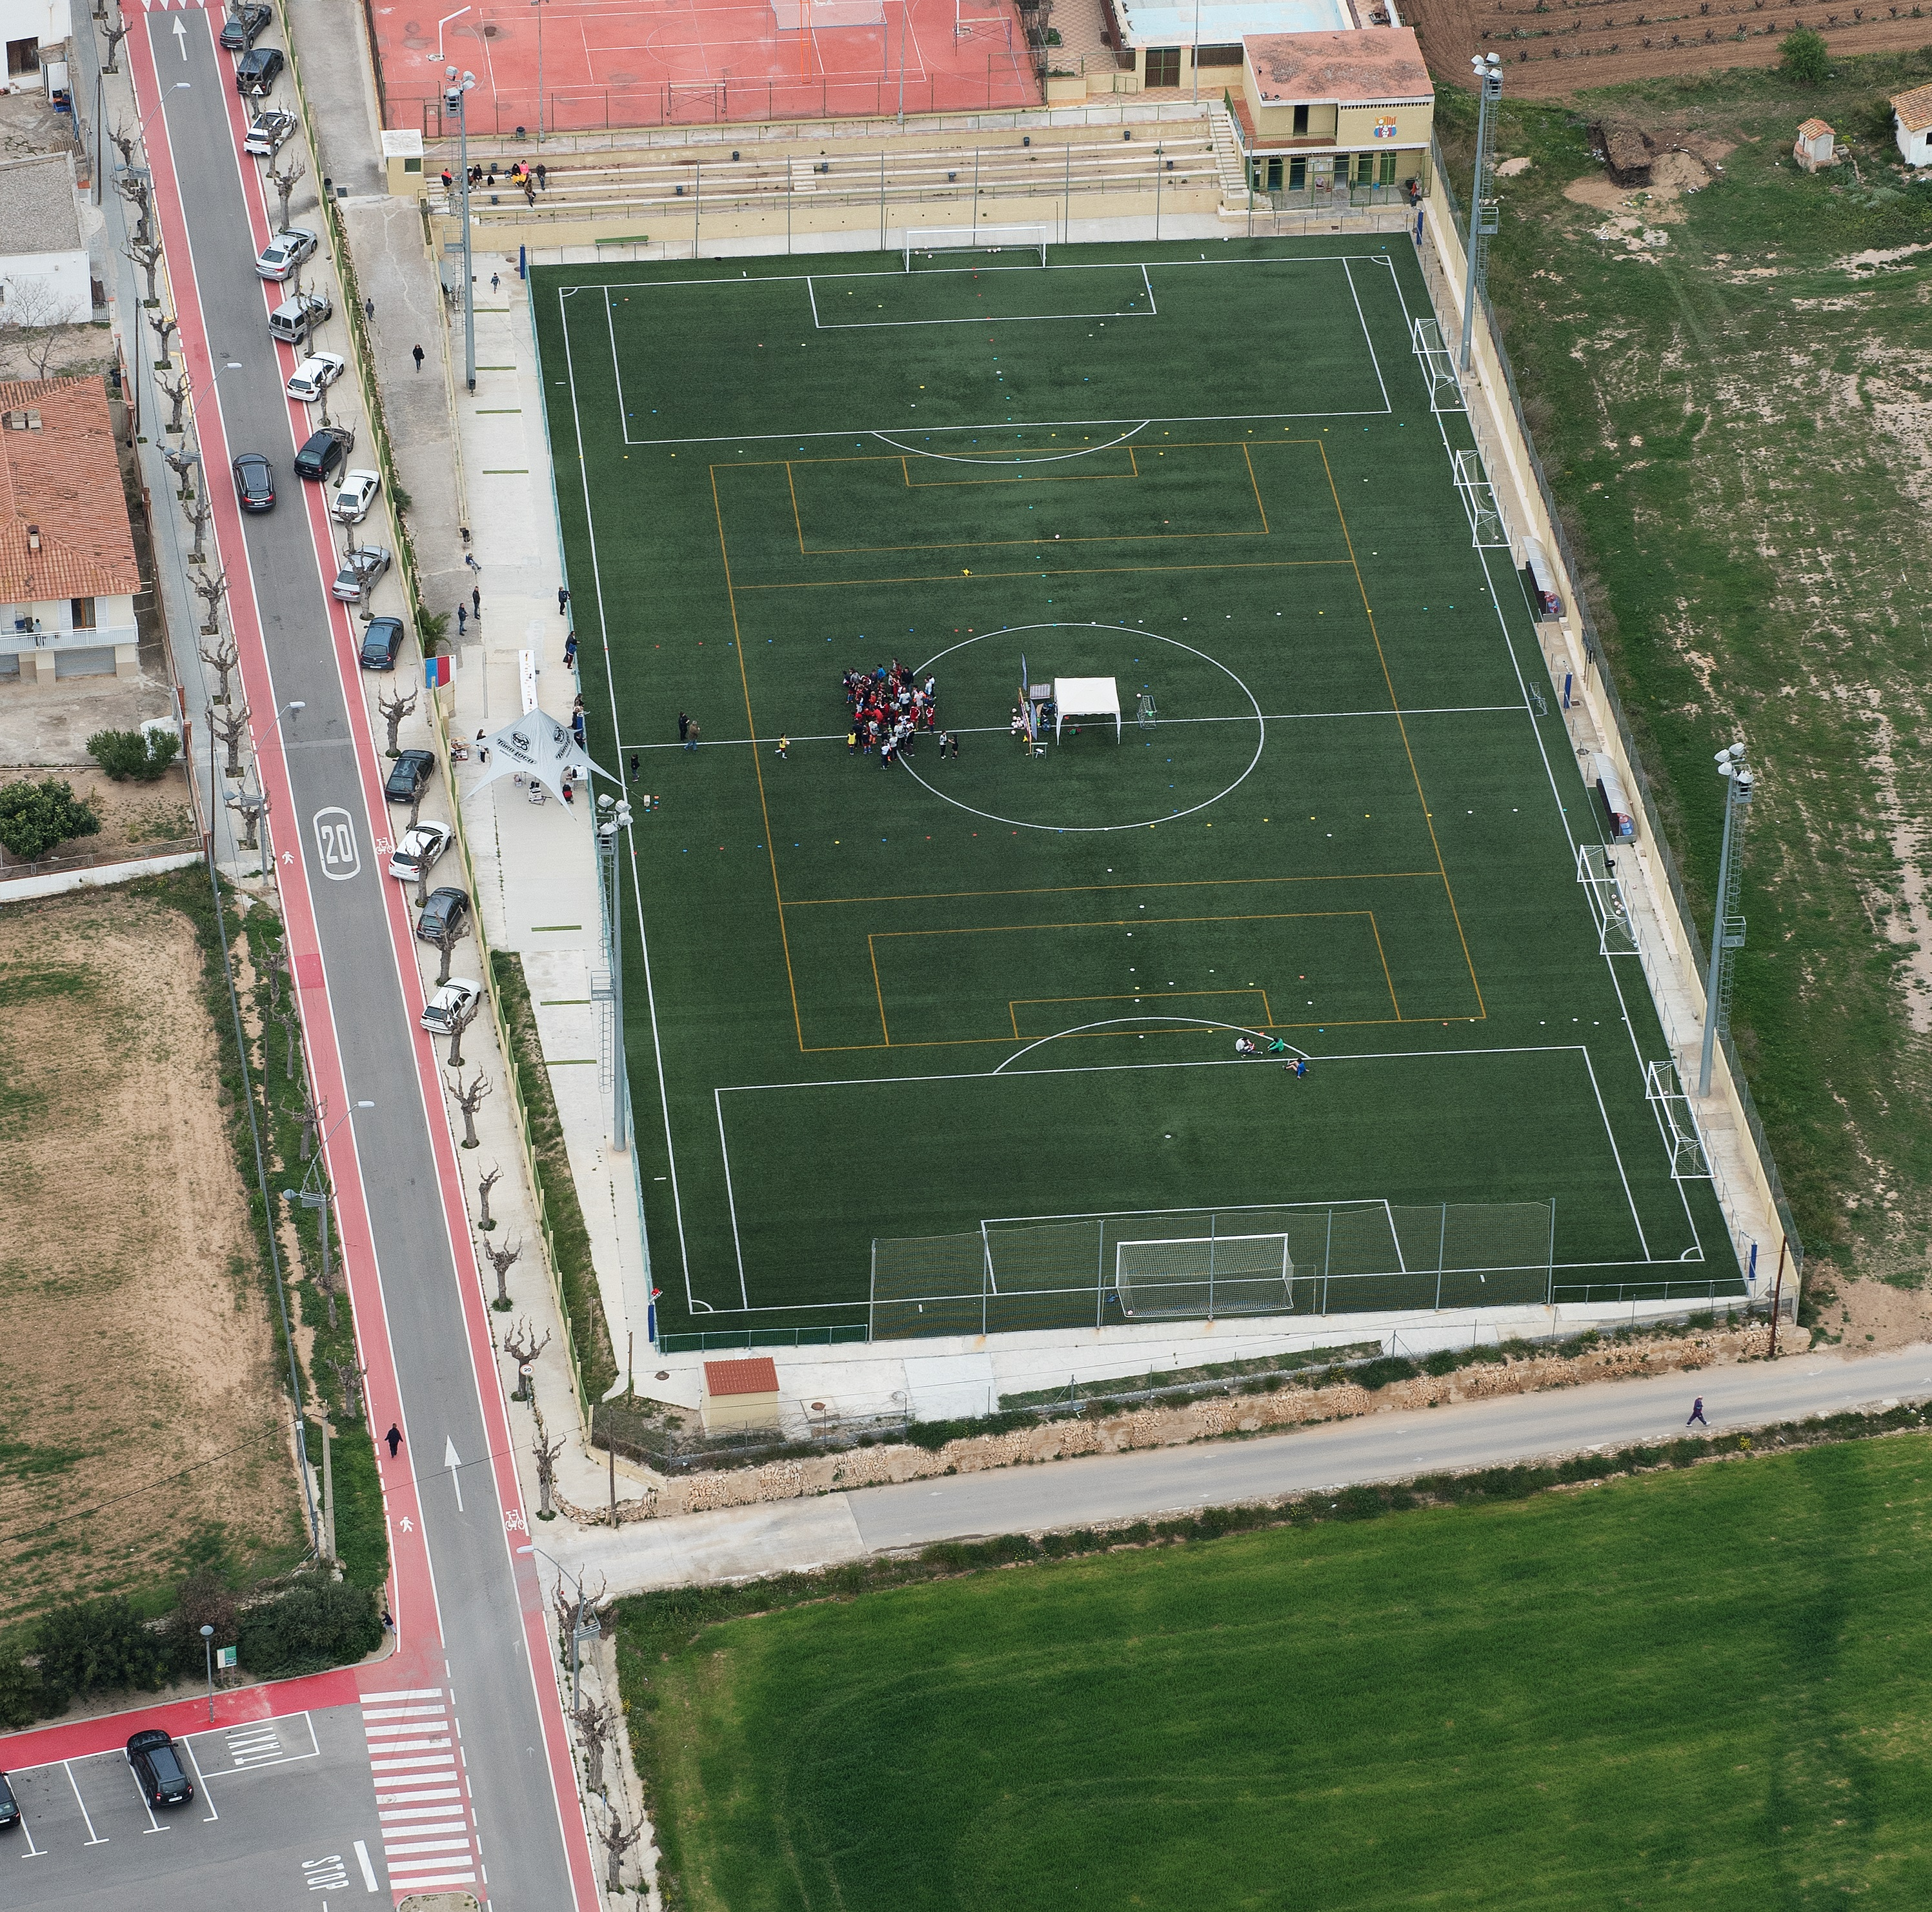 Se signa el Decret d'adjudicació del contracte del servei de consergeria del camp de futbol municipal